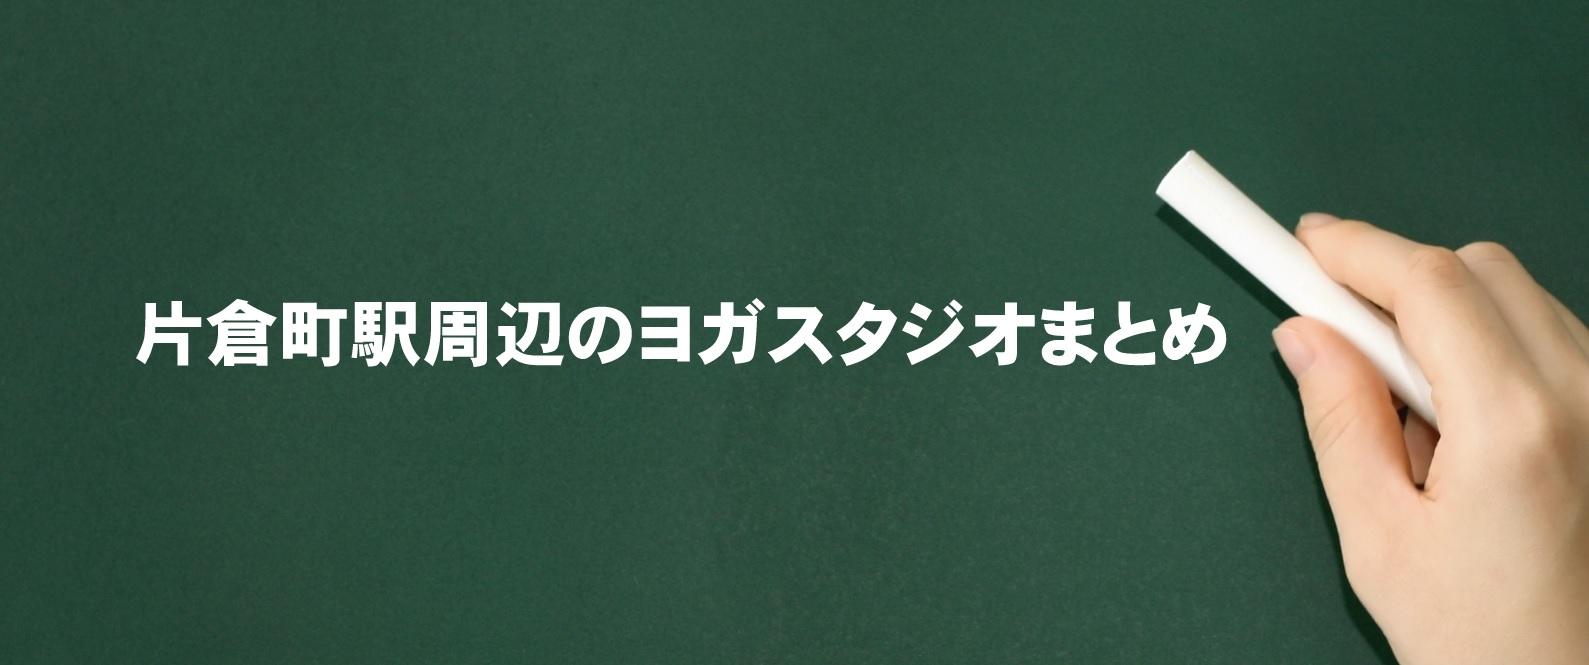 片倉町駅周辺のヨガまとめ